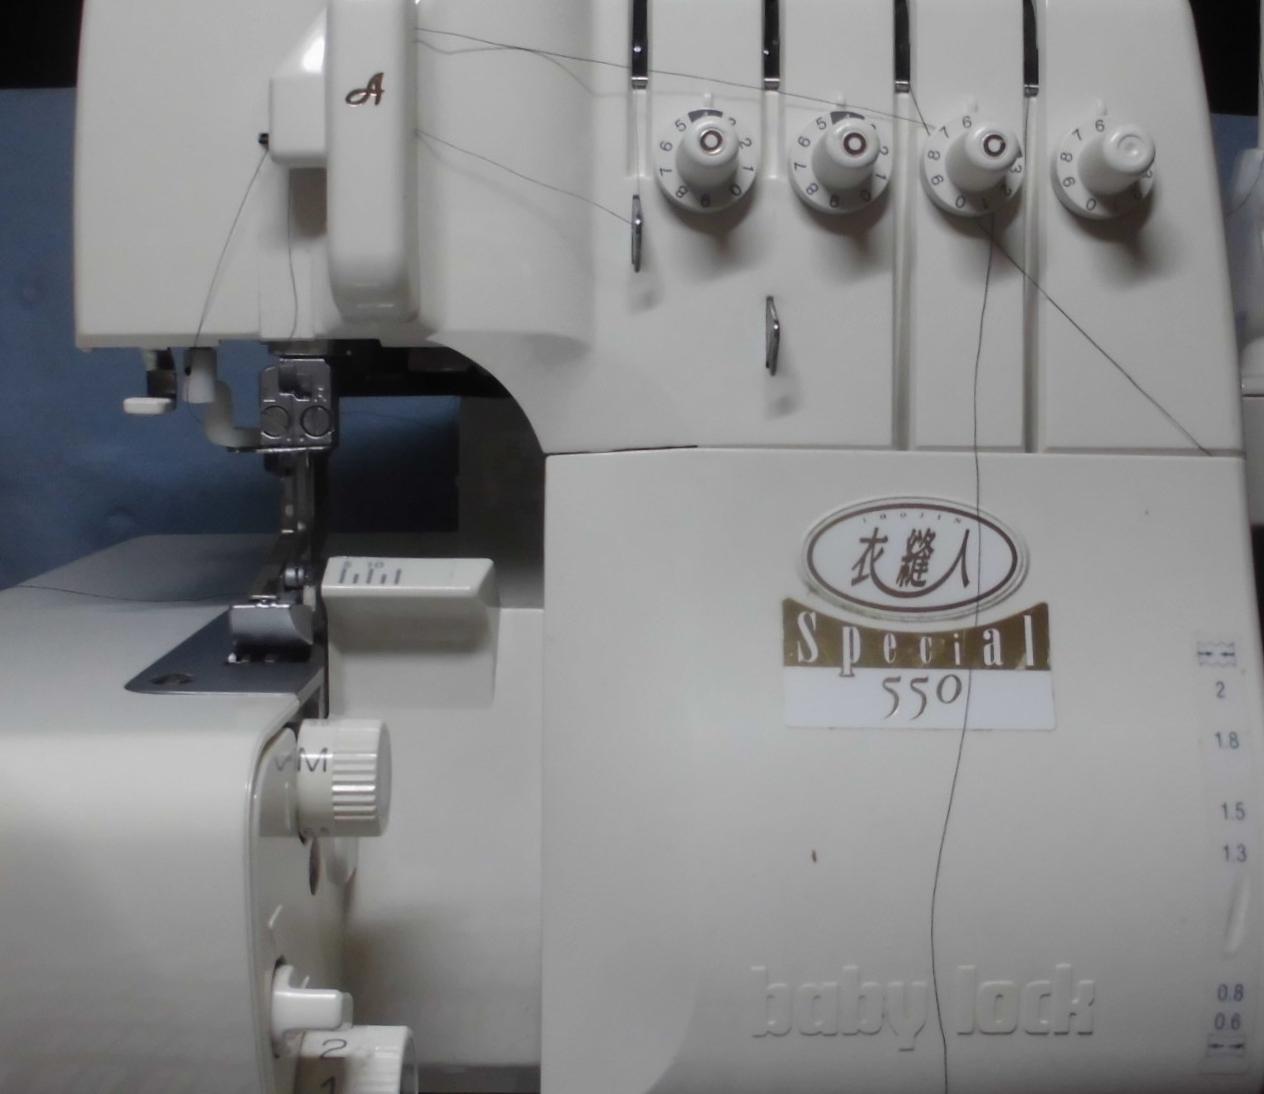 ジューキベビーロックミシン修理|衣縫人special550|糸が通らない、エアレバーが折れた